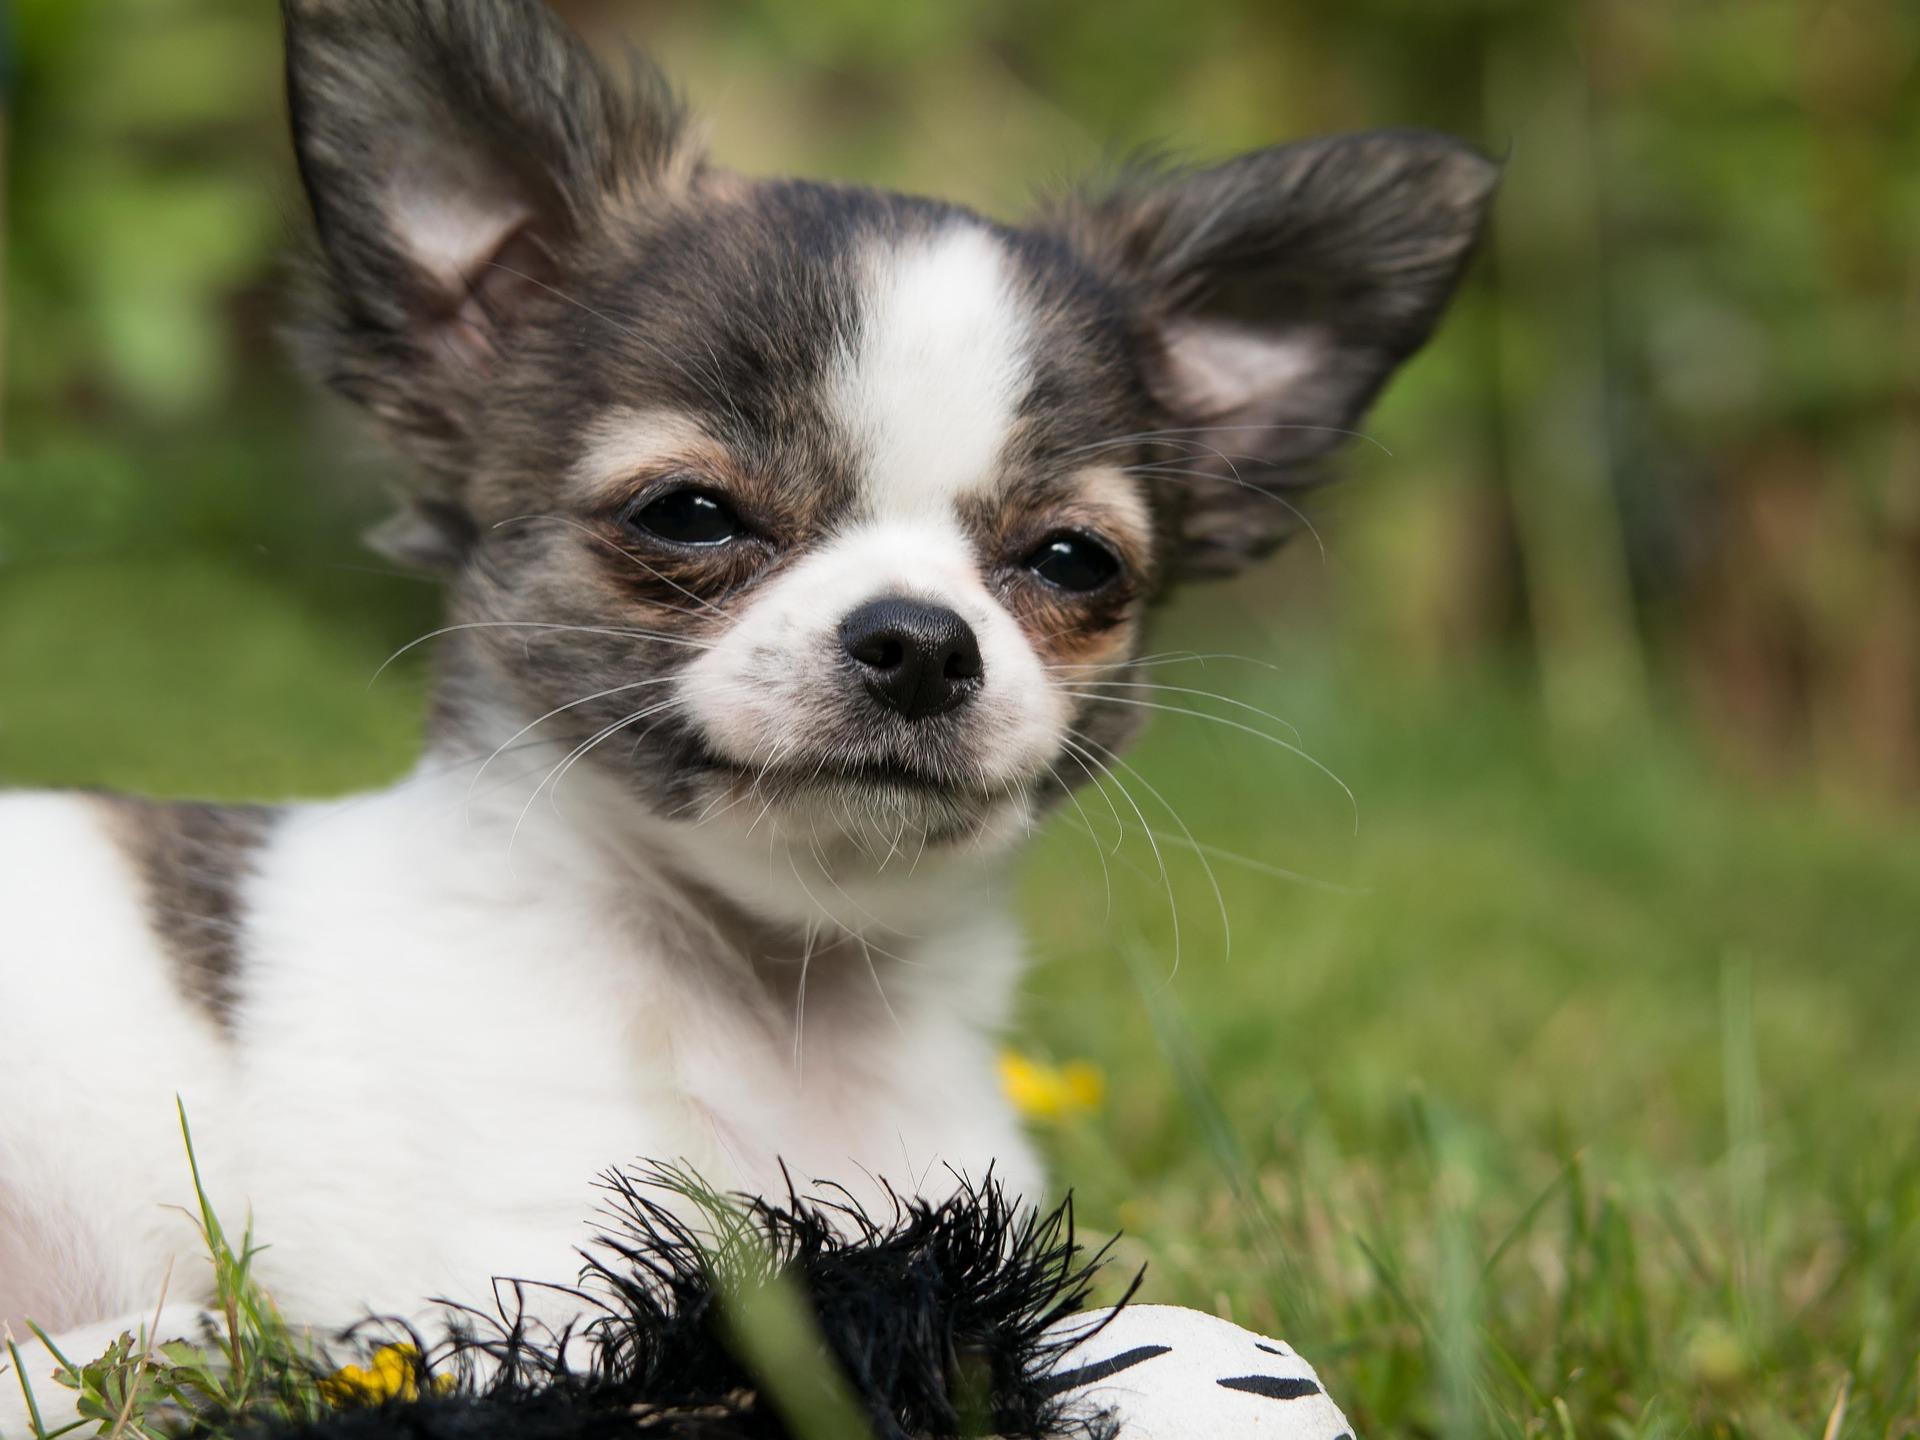 小型犬も保険に入るべき?~ペット保険選びのすすめ~